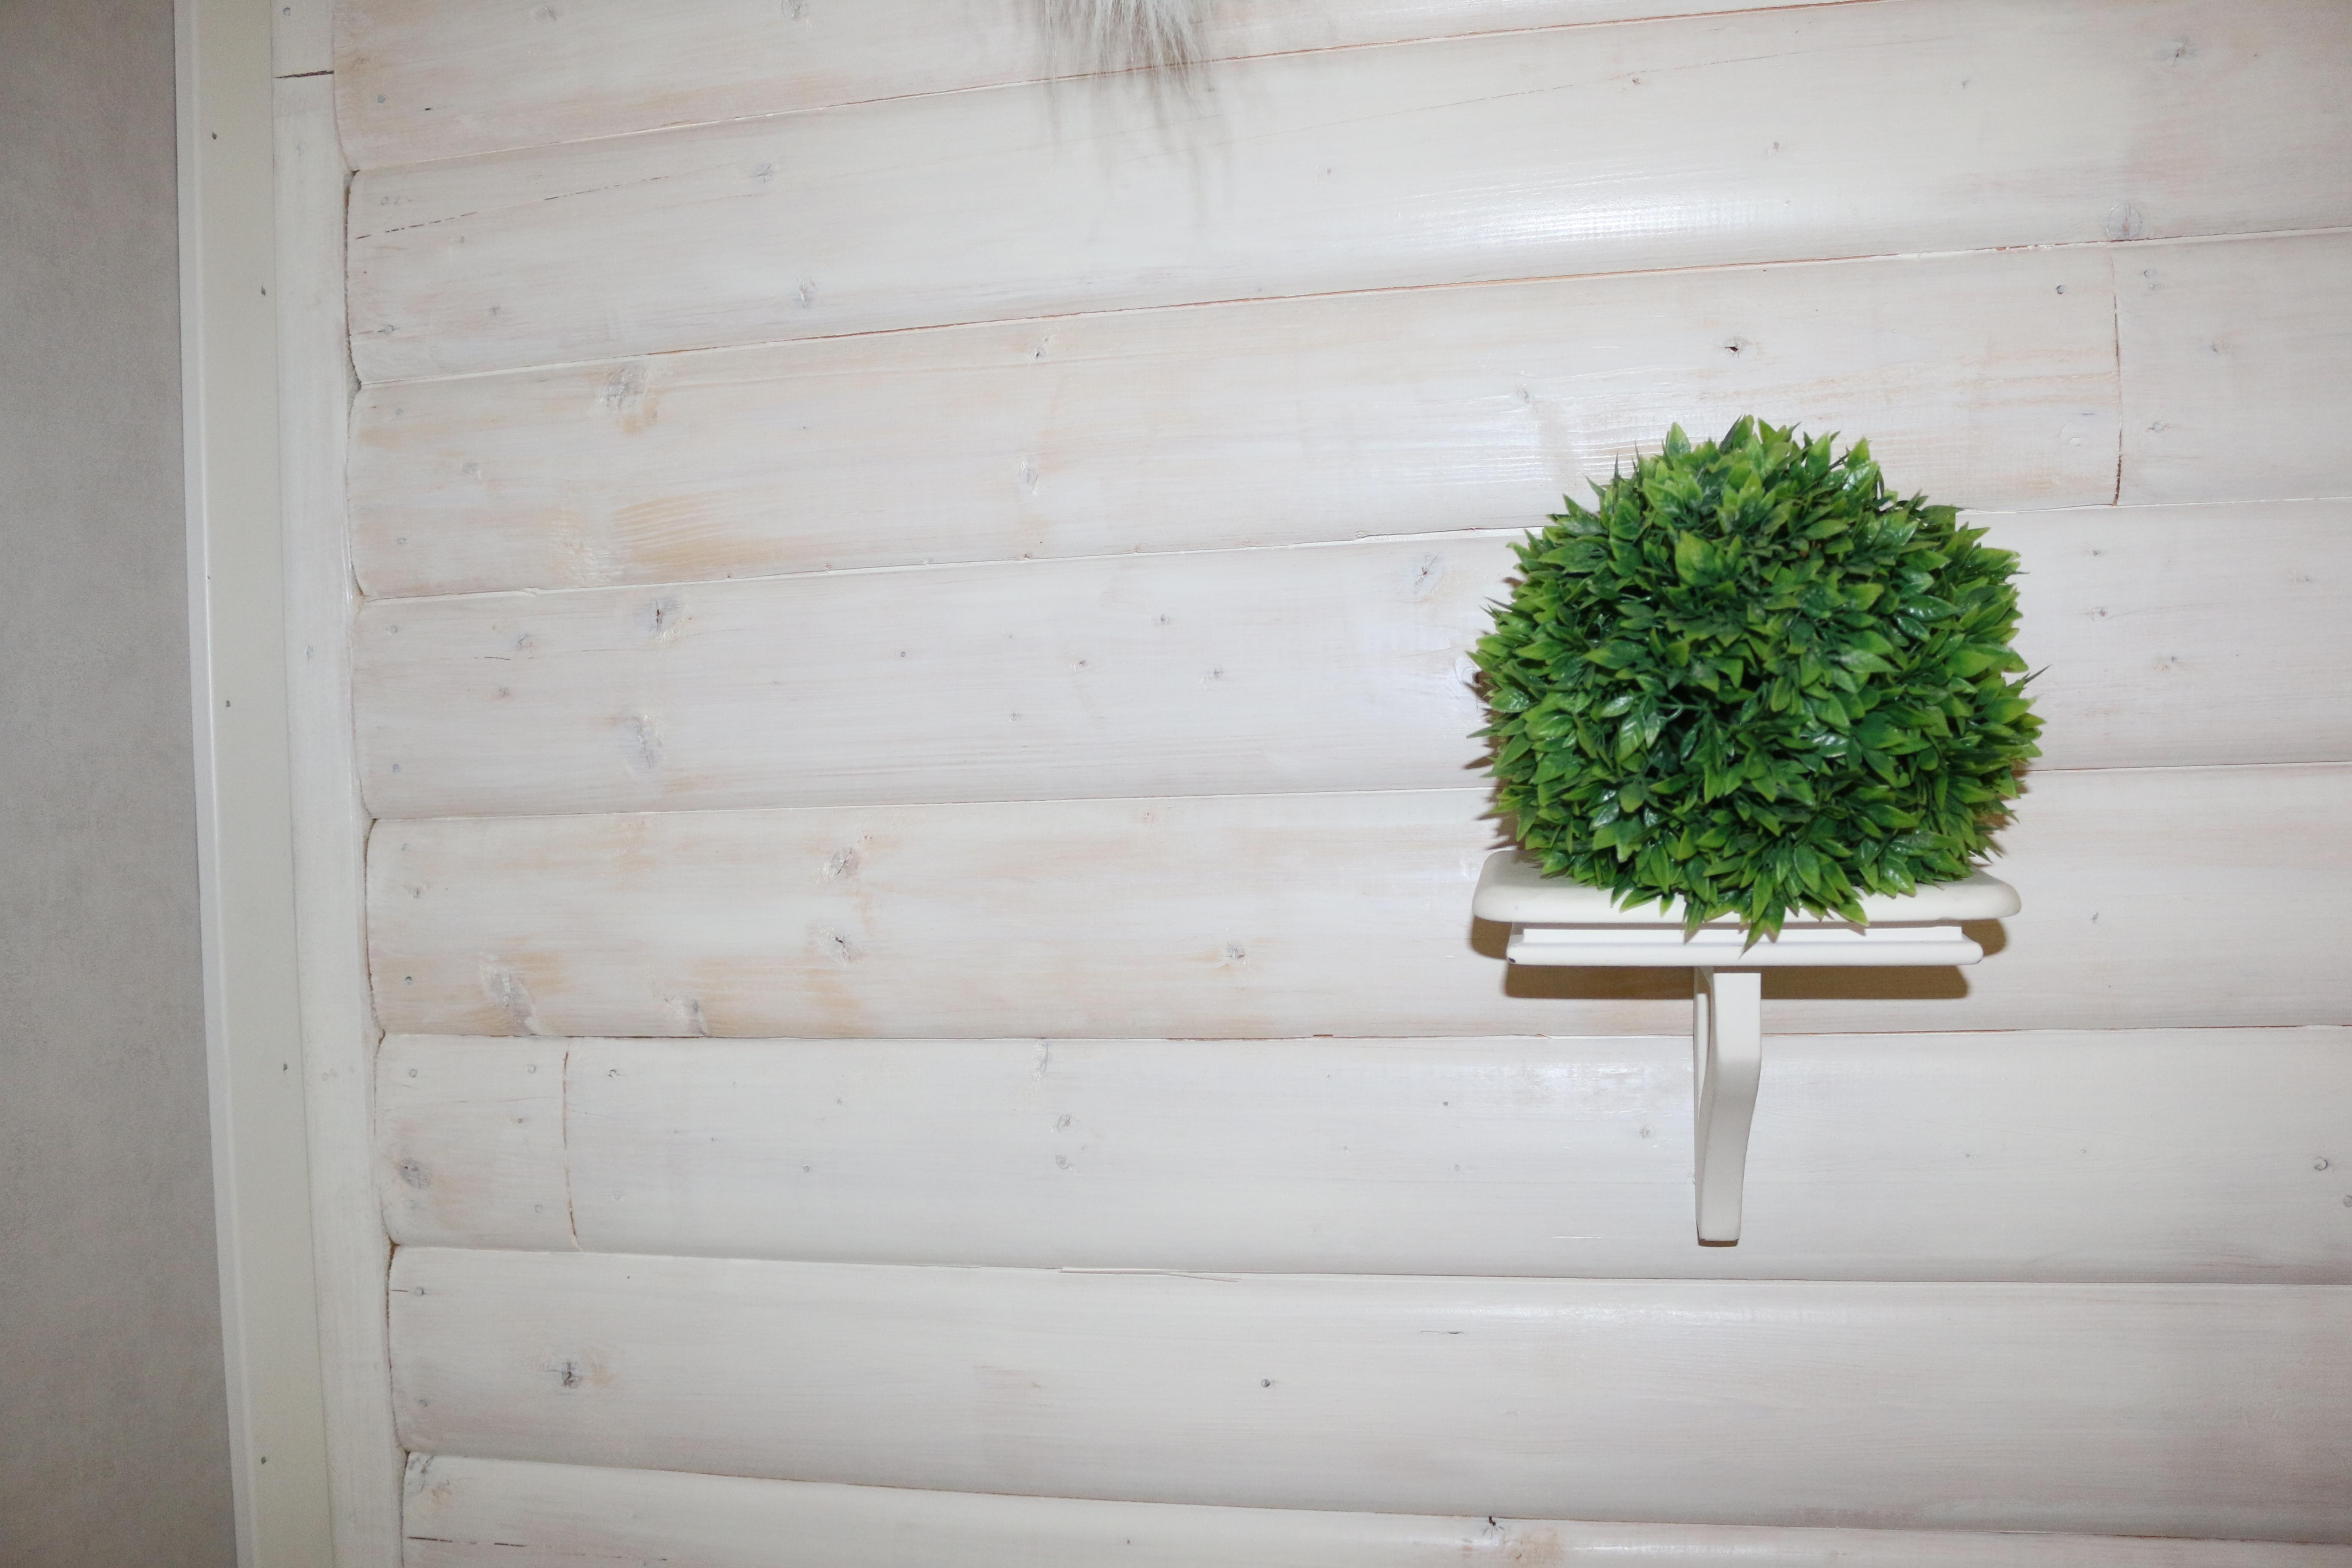 Träpanel på vägg istä'llet för tapet och färg